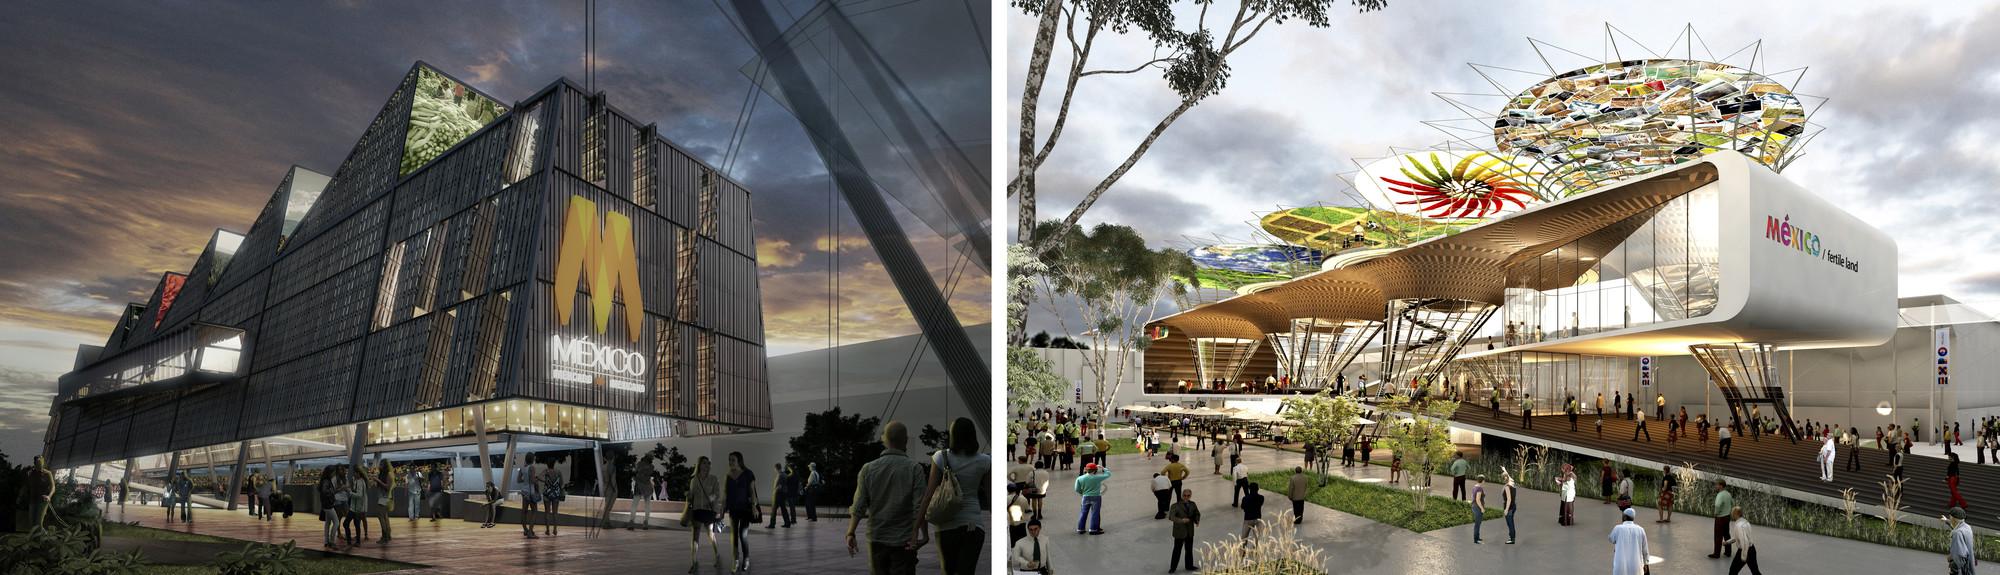 Segundo y tercer lugar del Pabellón de México para la Expo Milán 2015 / Gaeta Springall Arquitectos y Broissin Architects, En imagen, a la izquierda proyecto de Gaeta Springall Arquitectos. A la derecha proyecto de BroissinArchitects.